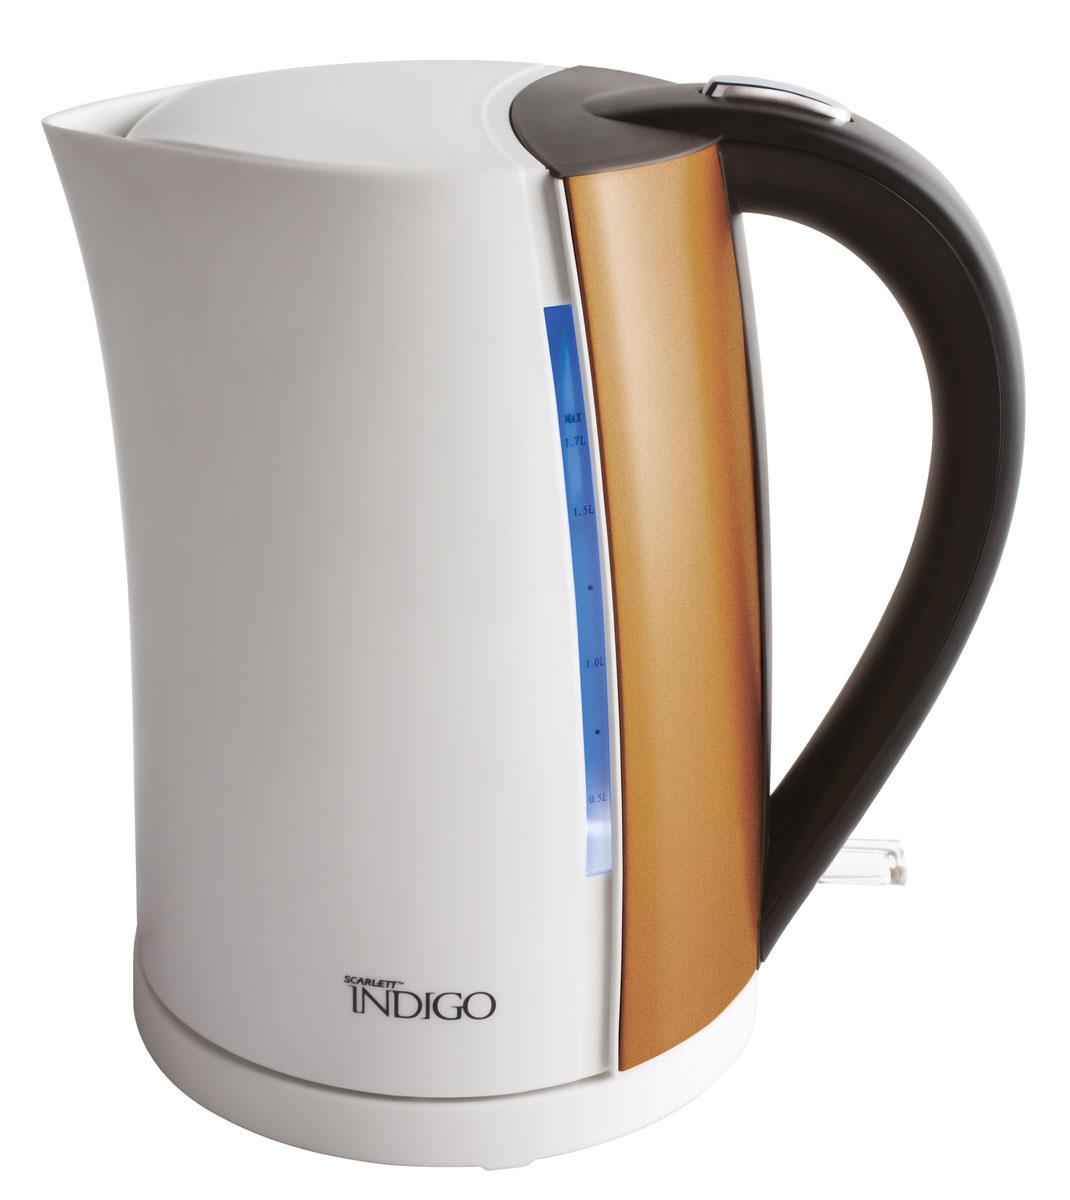 Scarlett IS-EK20P01, White Bronze чайник электрическийIS-EK20P01В чайнике Scarlett IS-EK20P01 мощностью 2200 Ватт и объемом 1,7 литра каждая деталь разработана для удобства пользования и безопасности. С помощью световой индикации чайник сообщает о режиме работы, корпус может вращаться на подставке на 360 градусов, что позволяет использовать его из любого положения, а многоразовый фильтр для воды позволит избежать попаданию накипи в чашку.